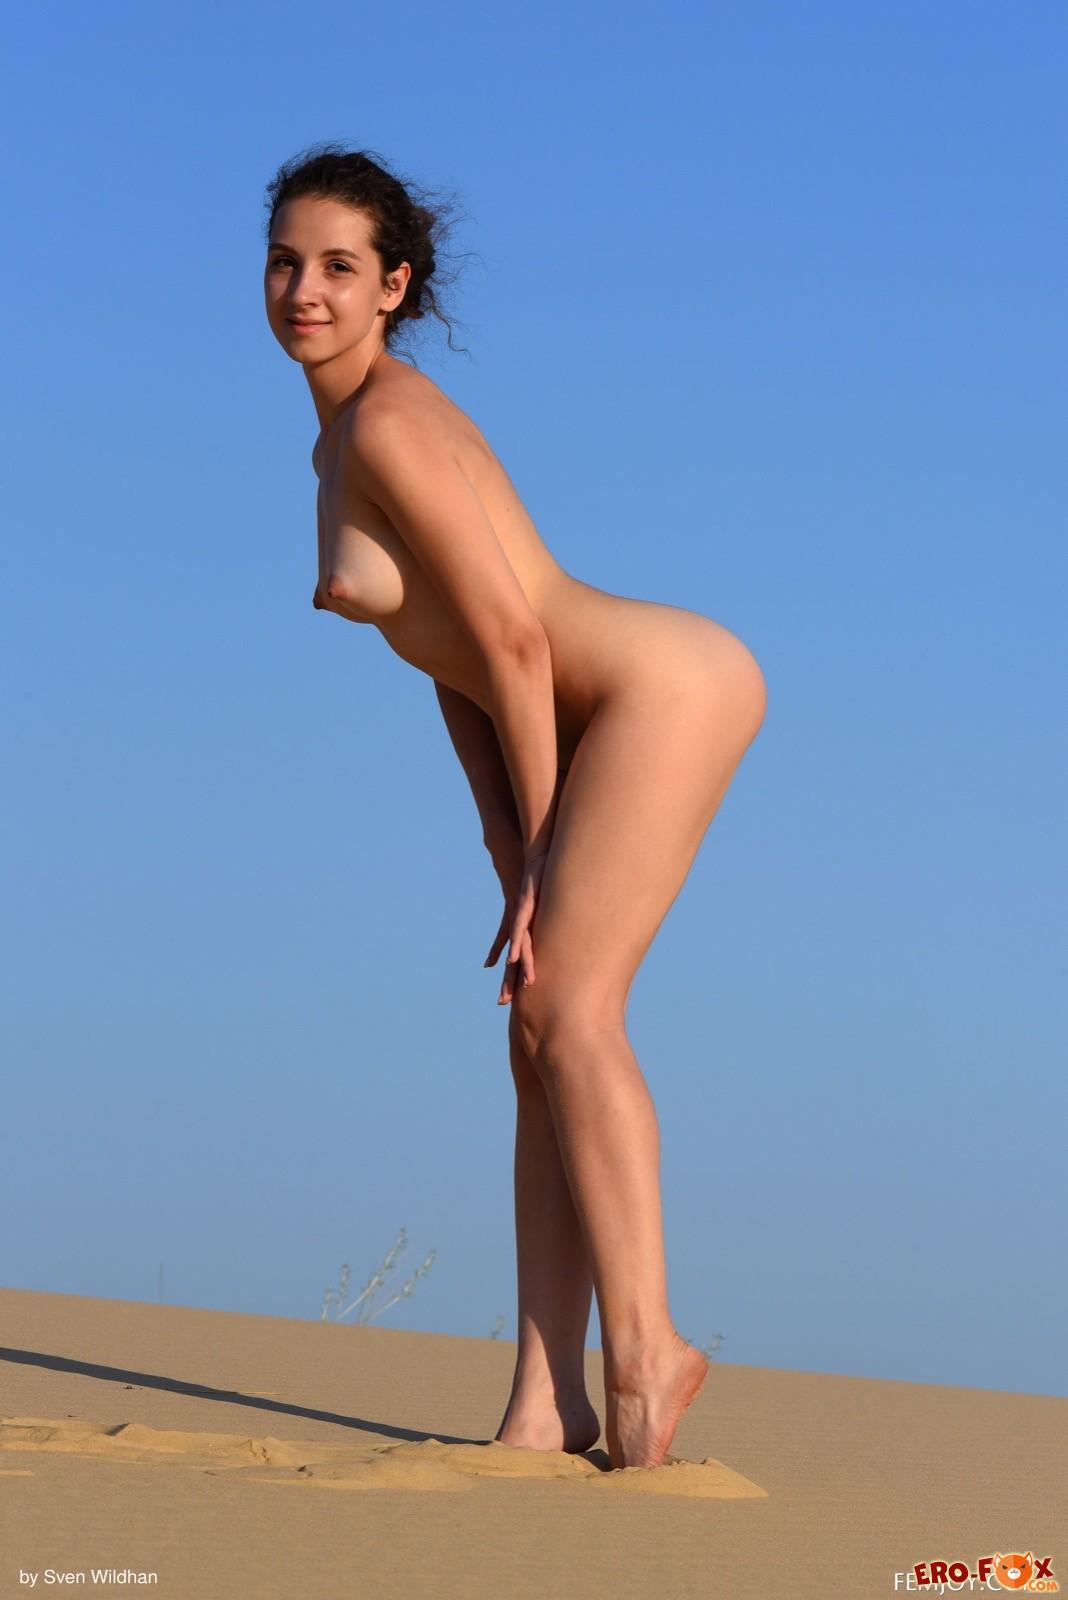 Красивая модель эротично позирует голая в пустыне - фото